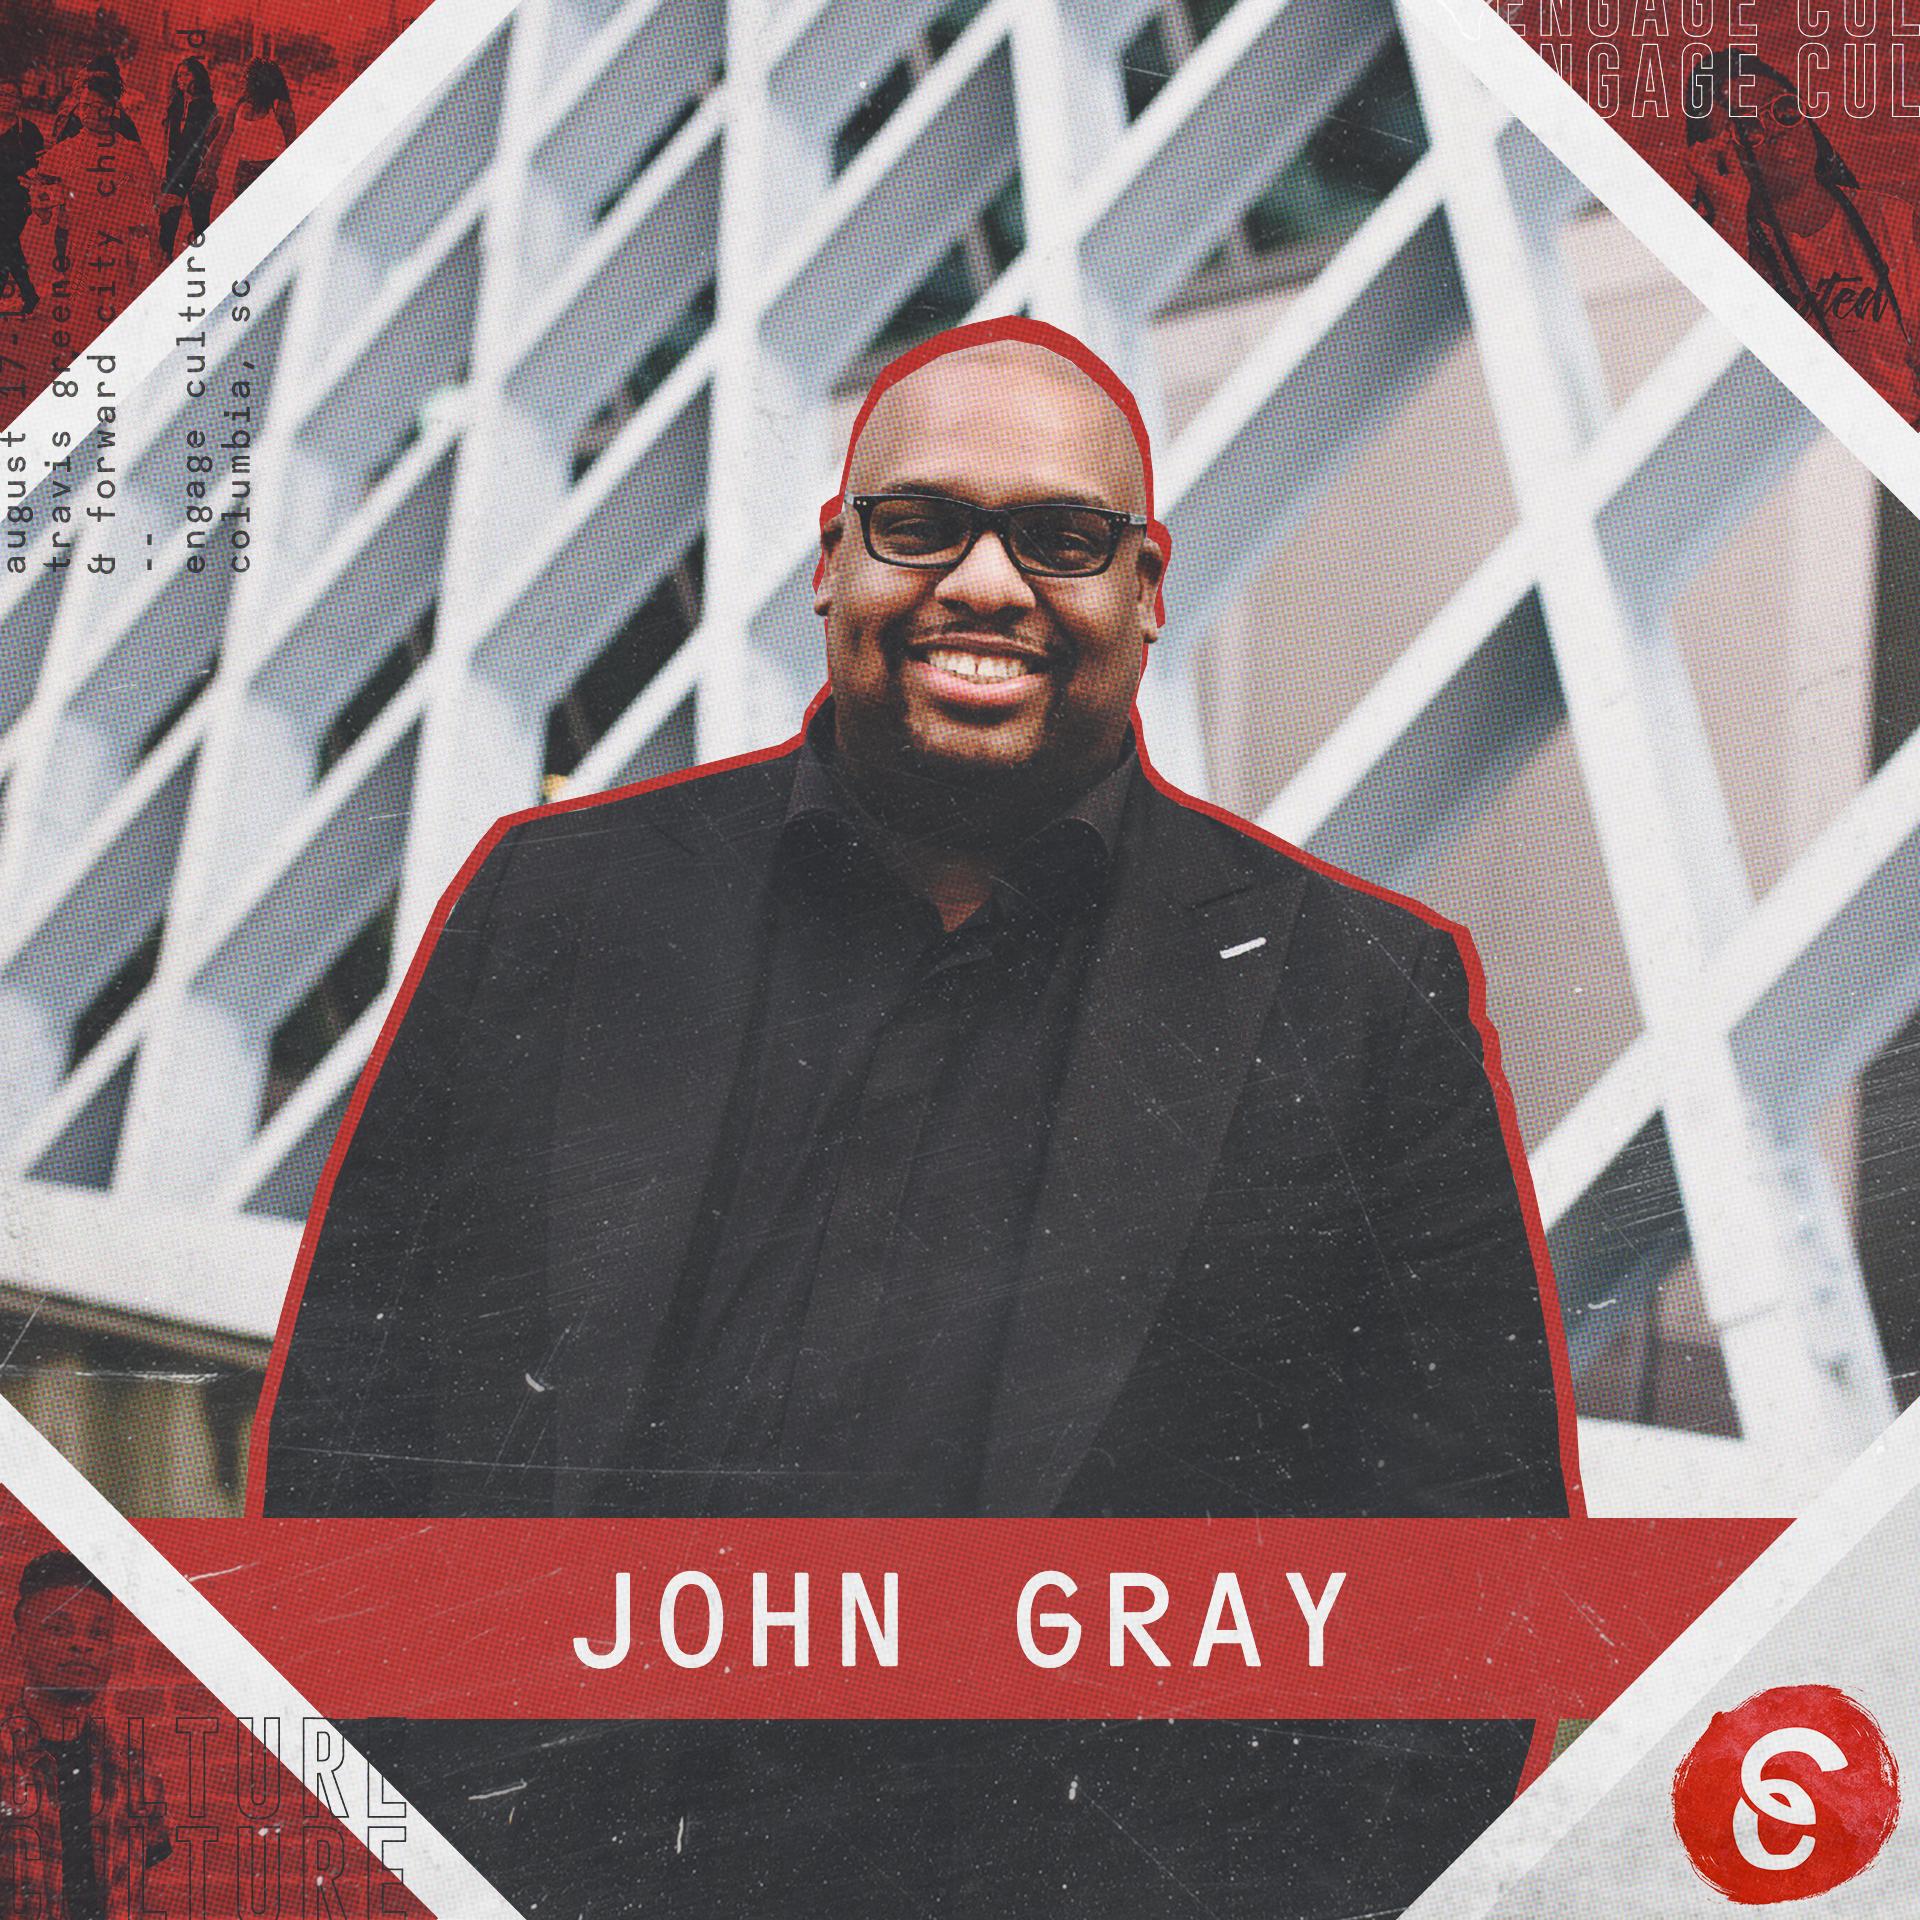 EC_1920x1920_John-Gray.jpg